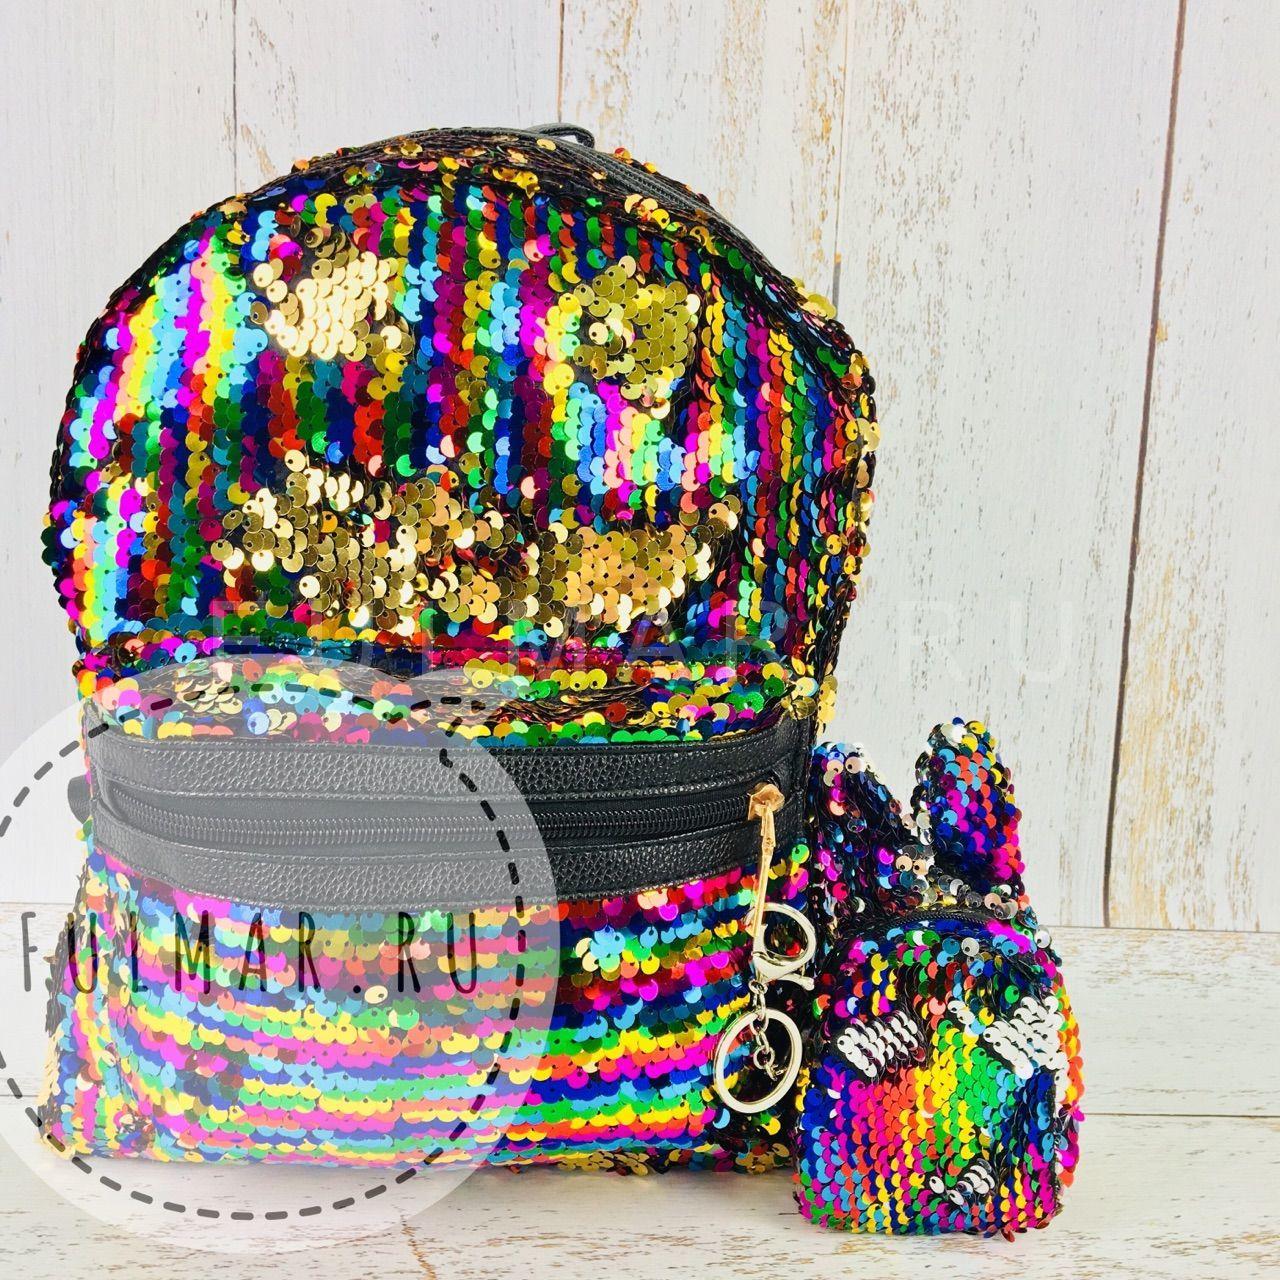 8fba4e63ad9c Рюкзак детский с пайетками меняющий цвет Радужный-Золотистый и  брелок-ключница Зайчик